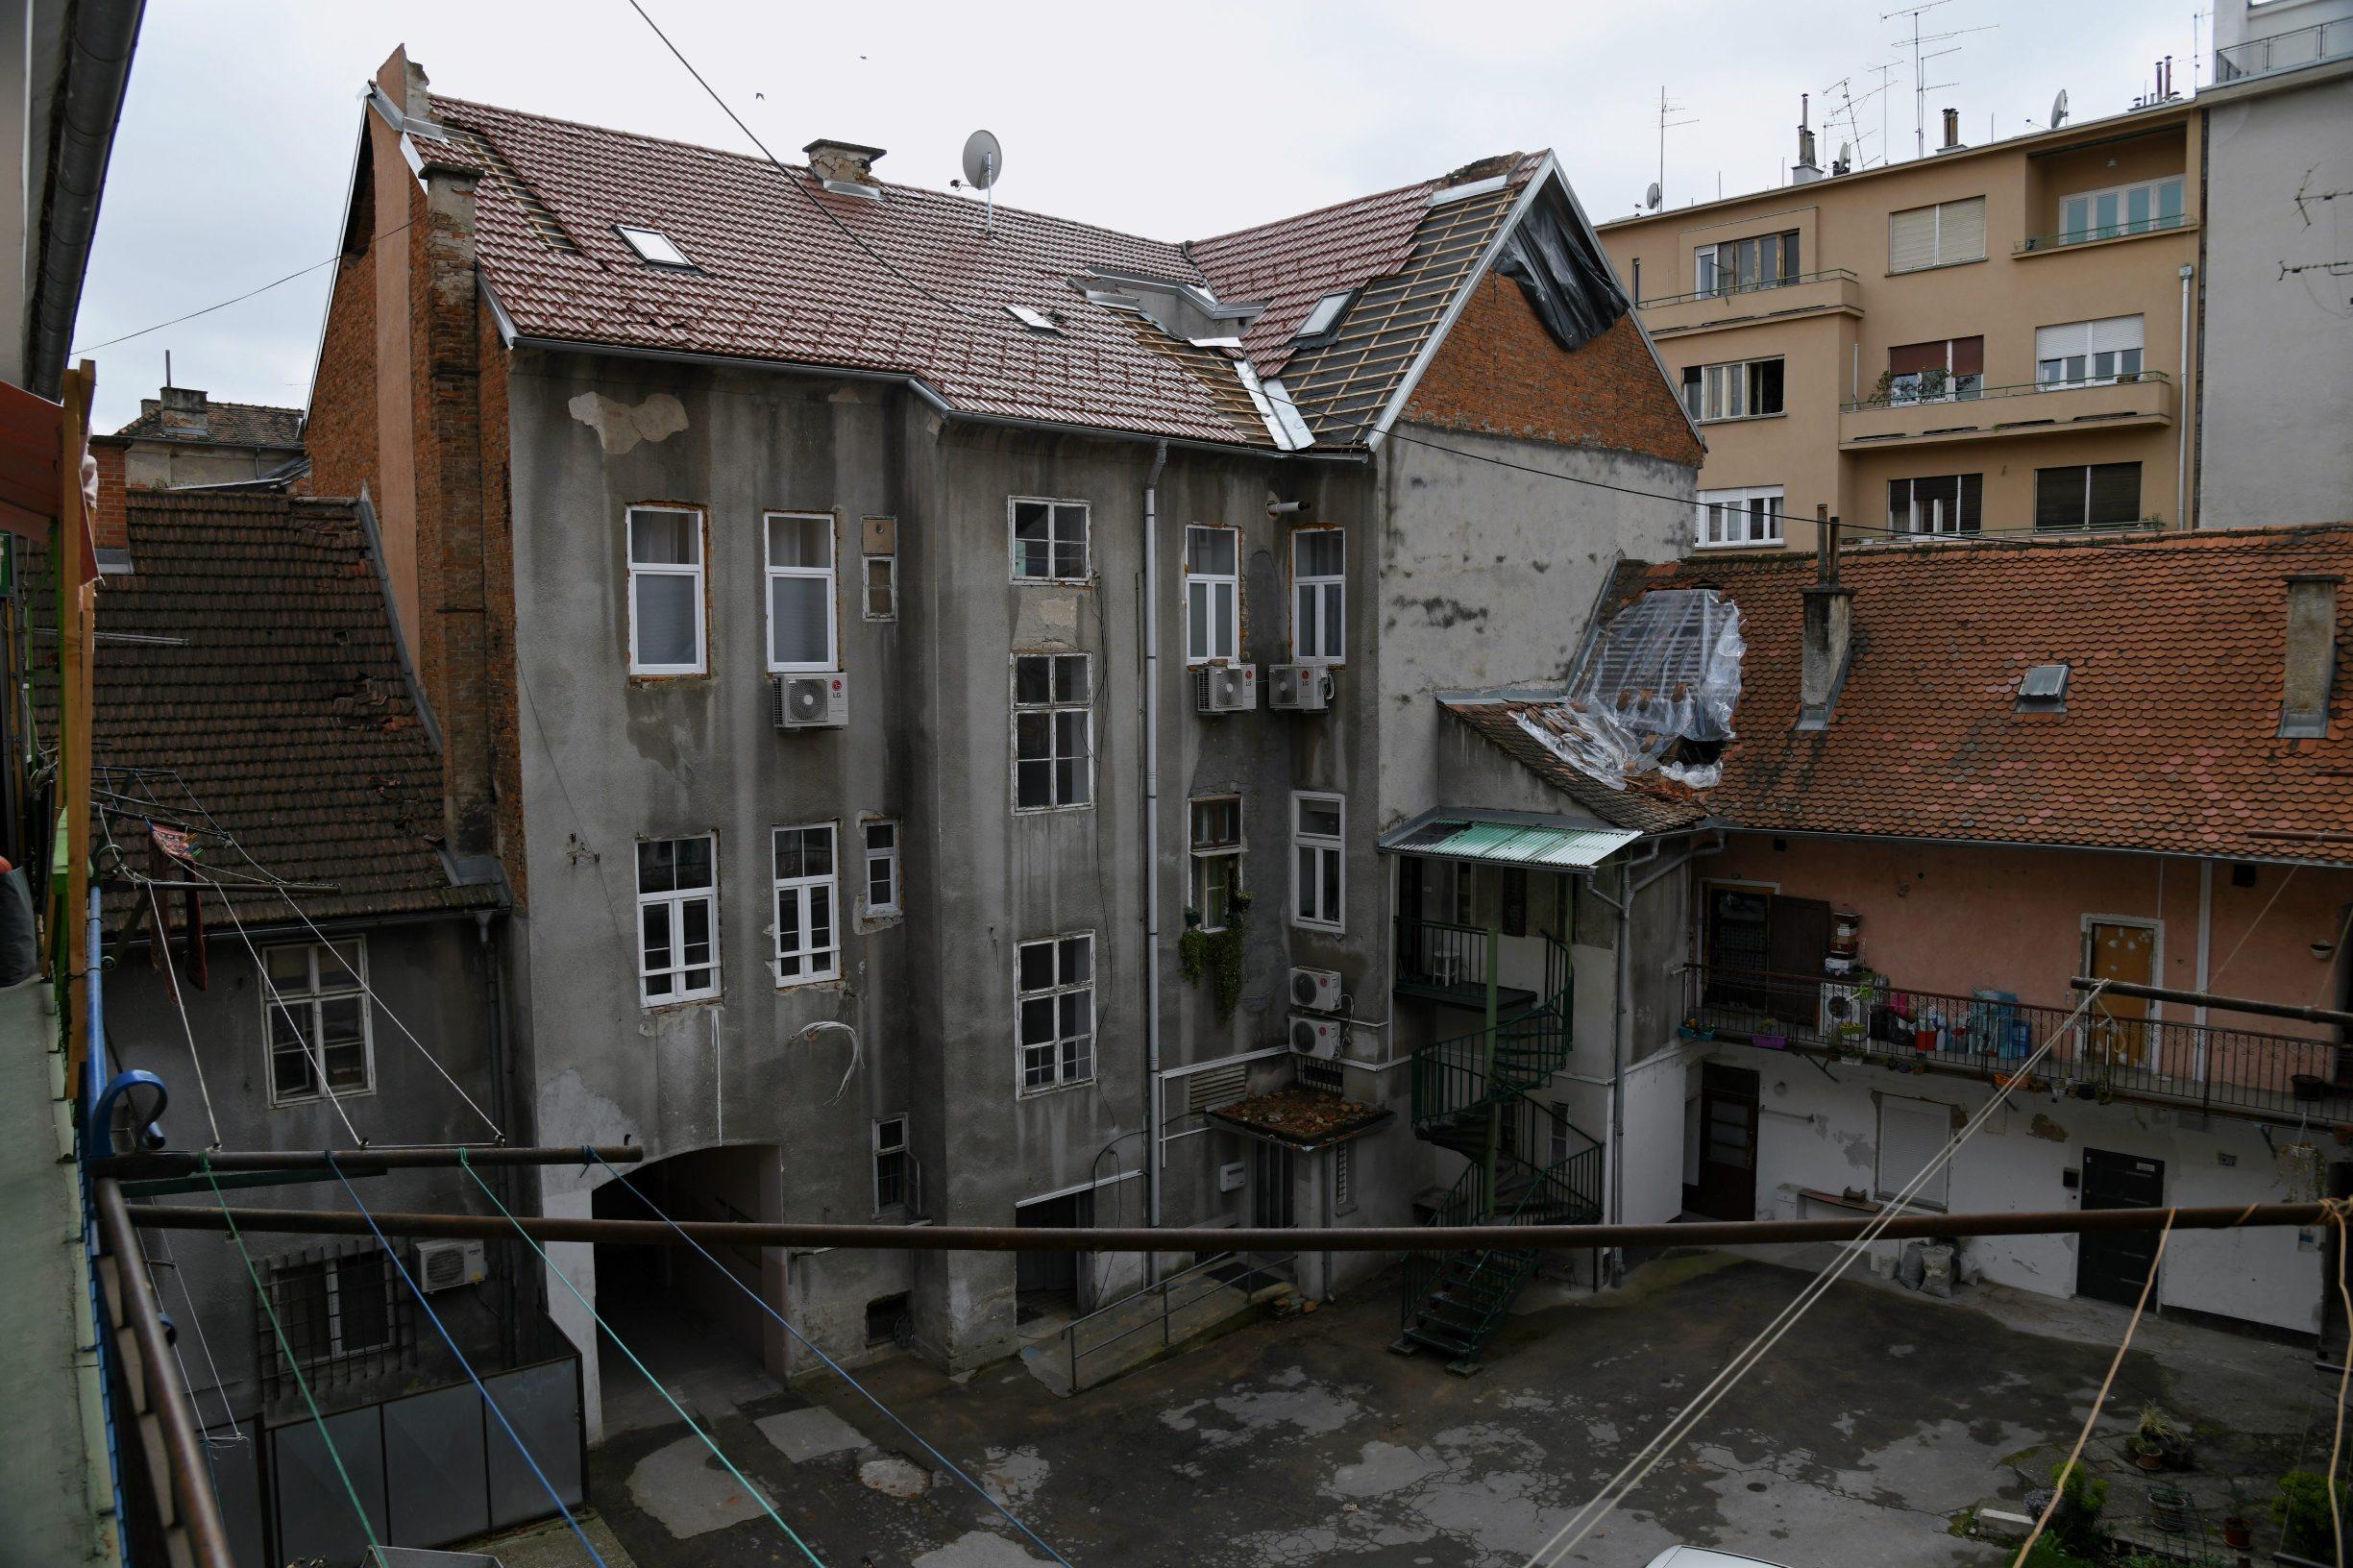 Zagreb, 140420 Ilica 138. Posljedice potresa na zgradi koja se nalazi na krizanju ilice i Bosanske. Foto: Srdjan Vrancic / CROPIX